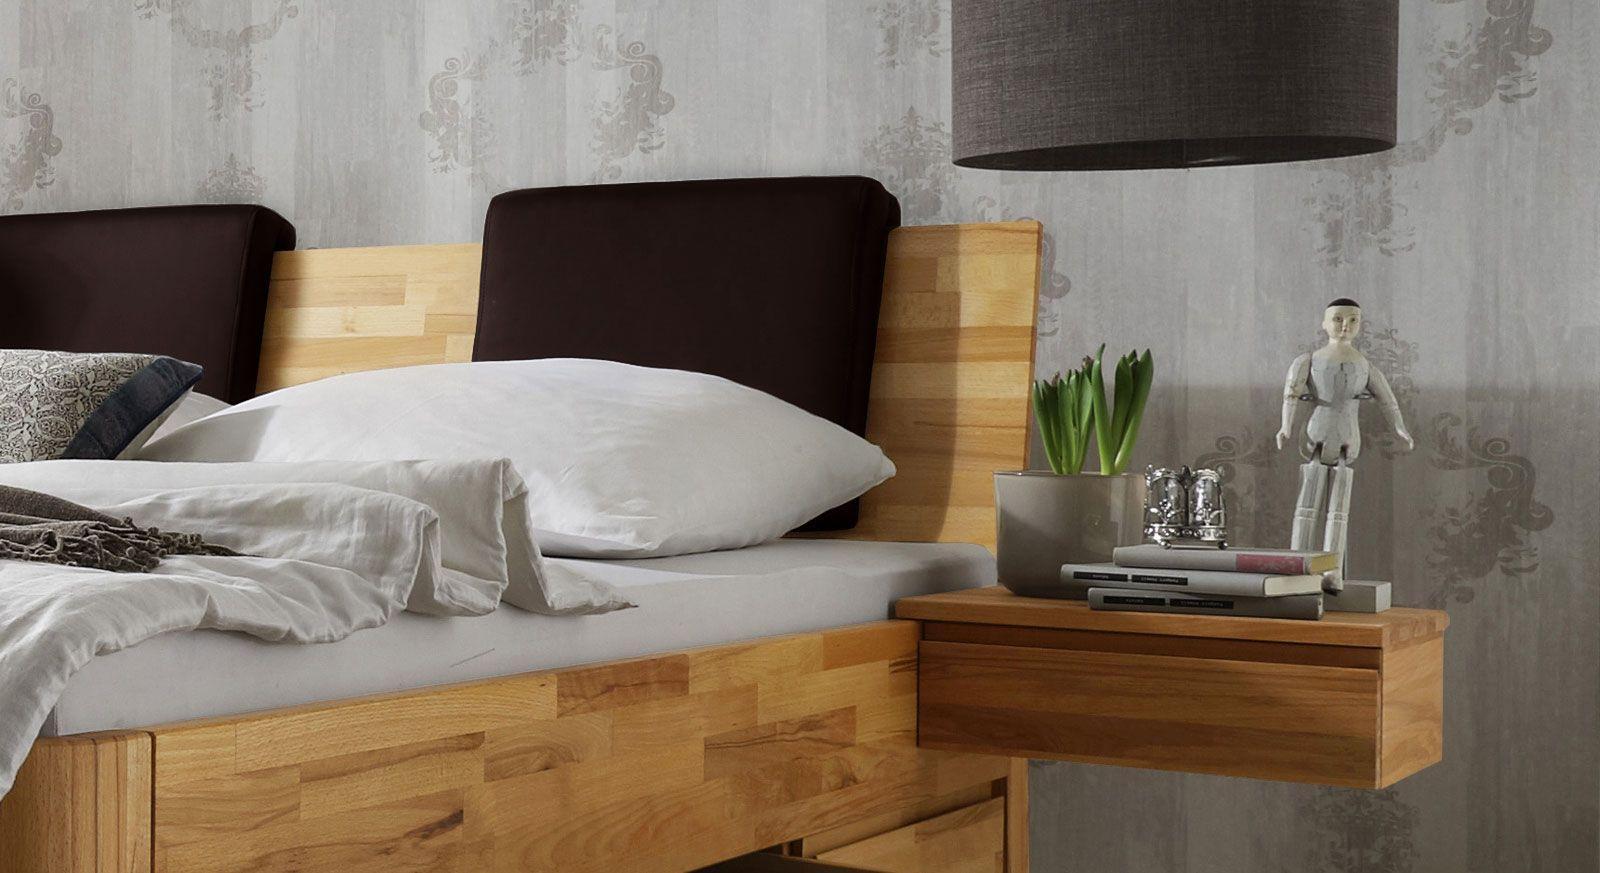 Full Size of Betten De Schubkasten Doppelbett Zarbo Home Decor Einlegeböden Küche Delife Sofa Designer Regale Weiße Bader Gutschein Vinylboden Badezimmer Gebrauchte Bett Betten De